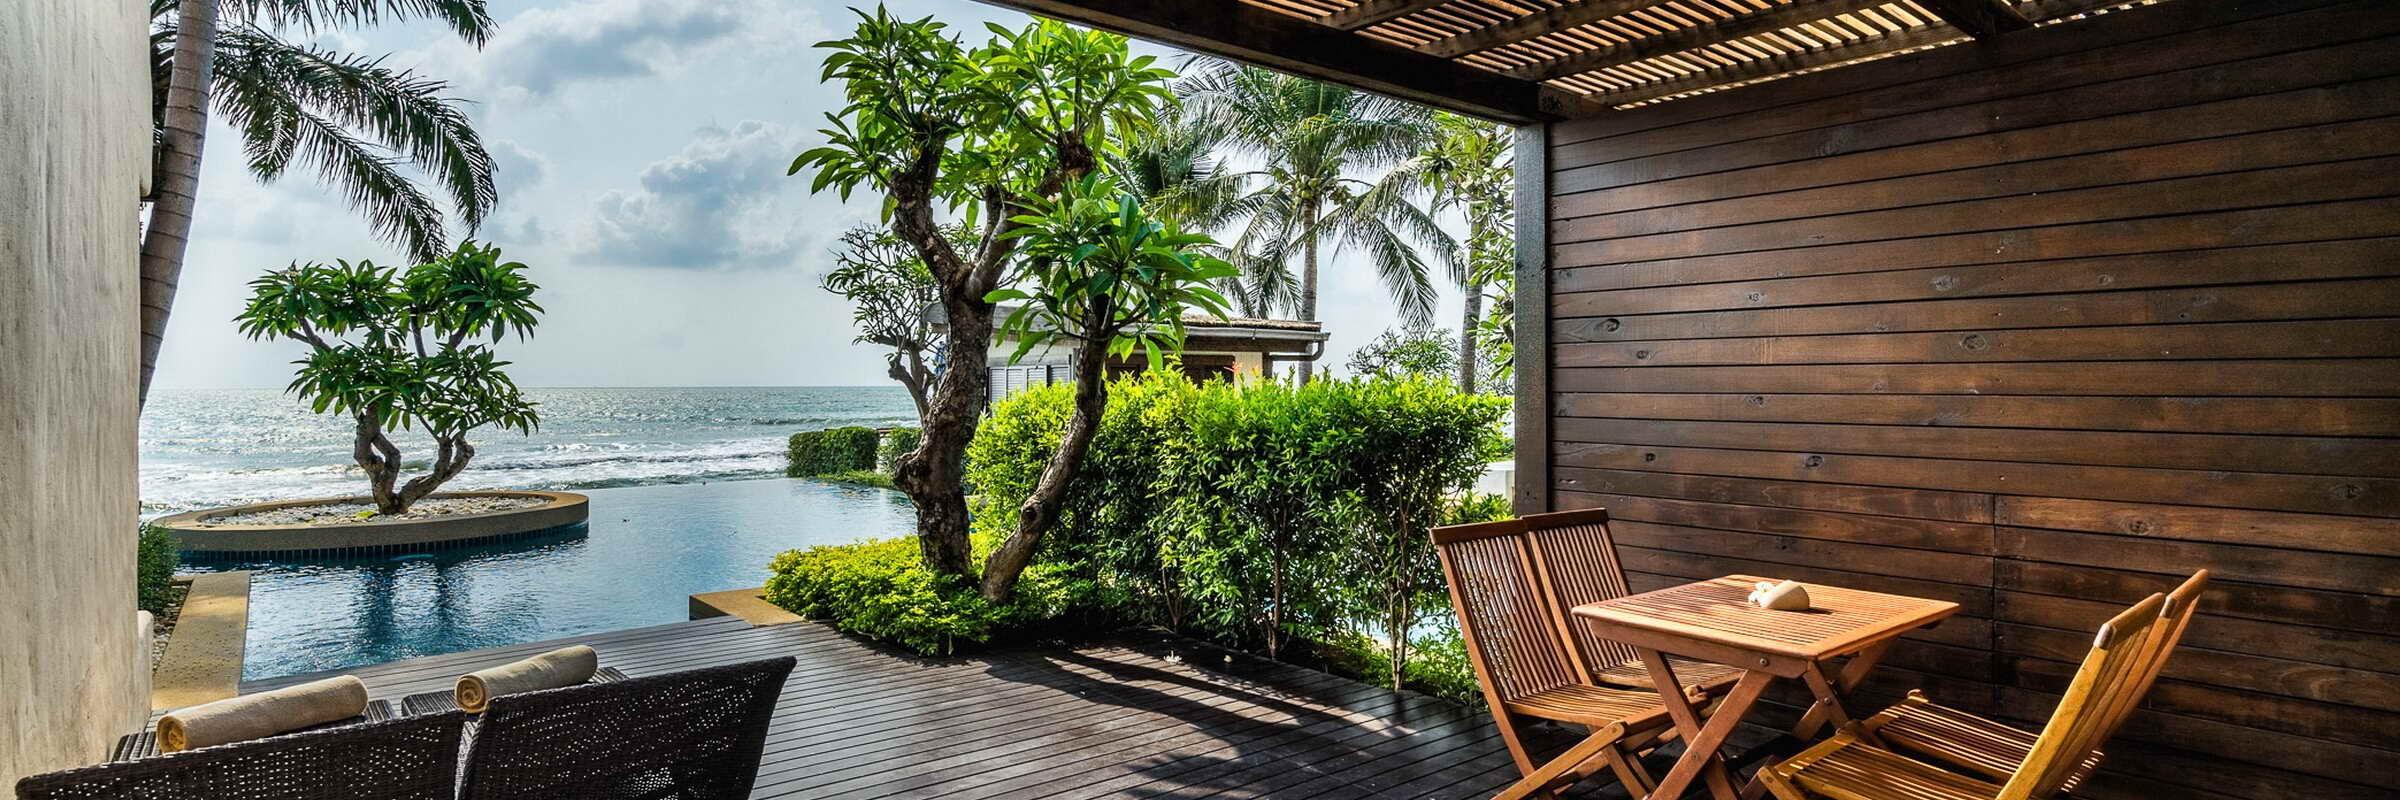 Das private Sonnendeck mit direktem Zugang zum Pool der Frangipani Residences im Aleenta Hua Hin Resort und Spa